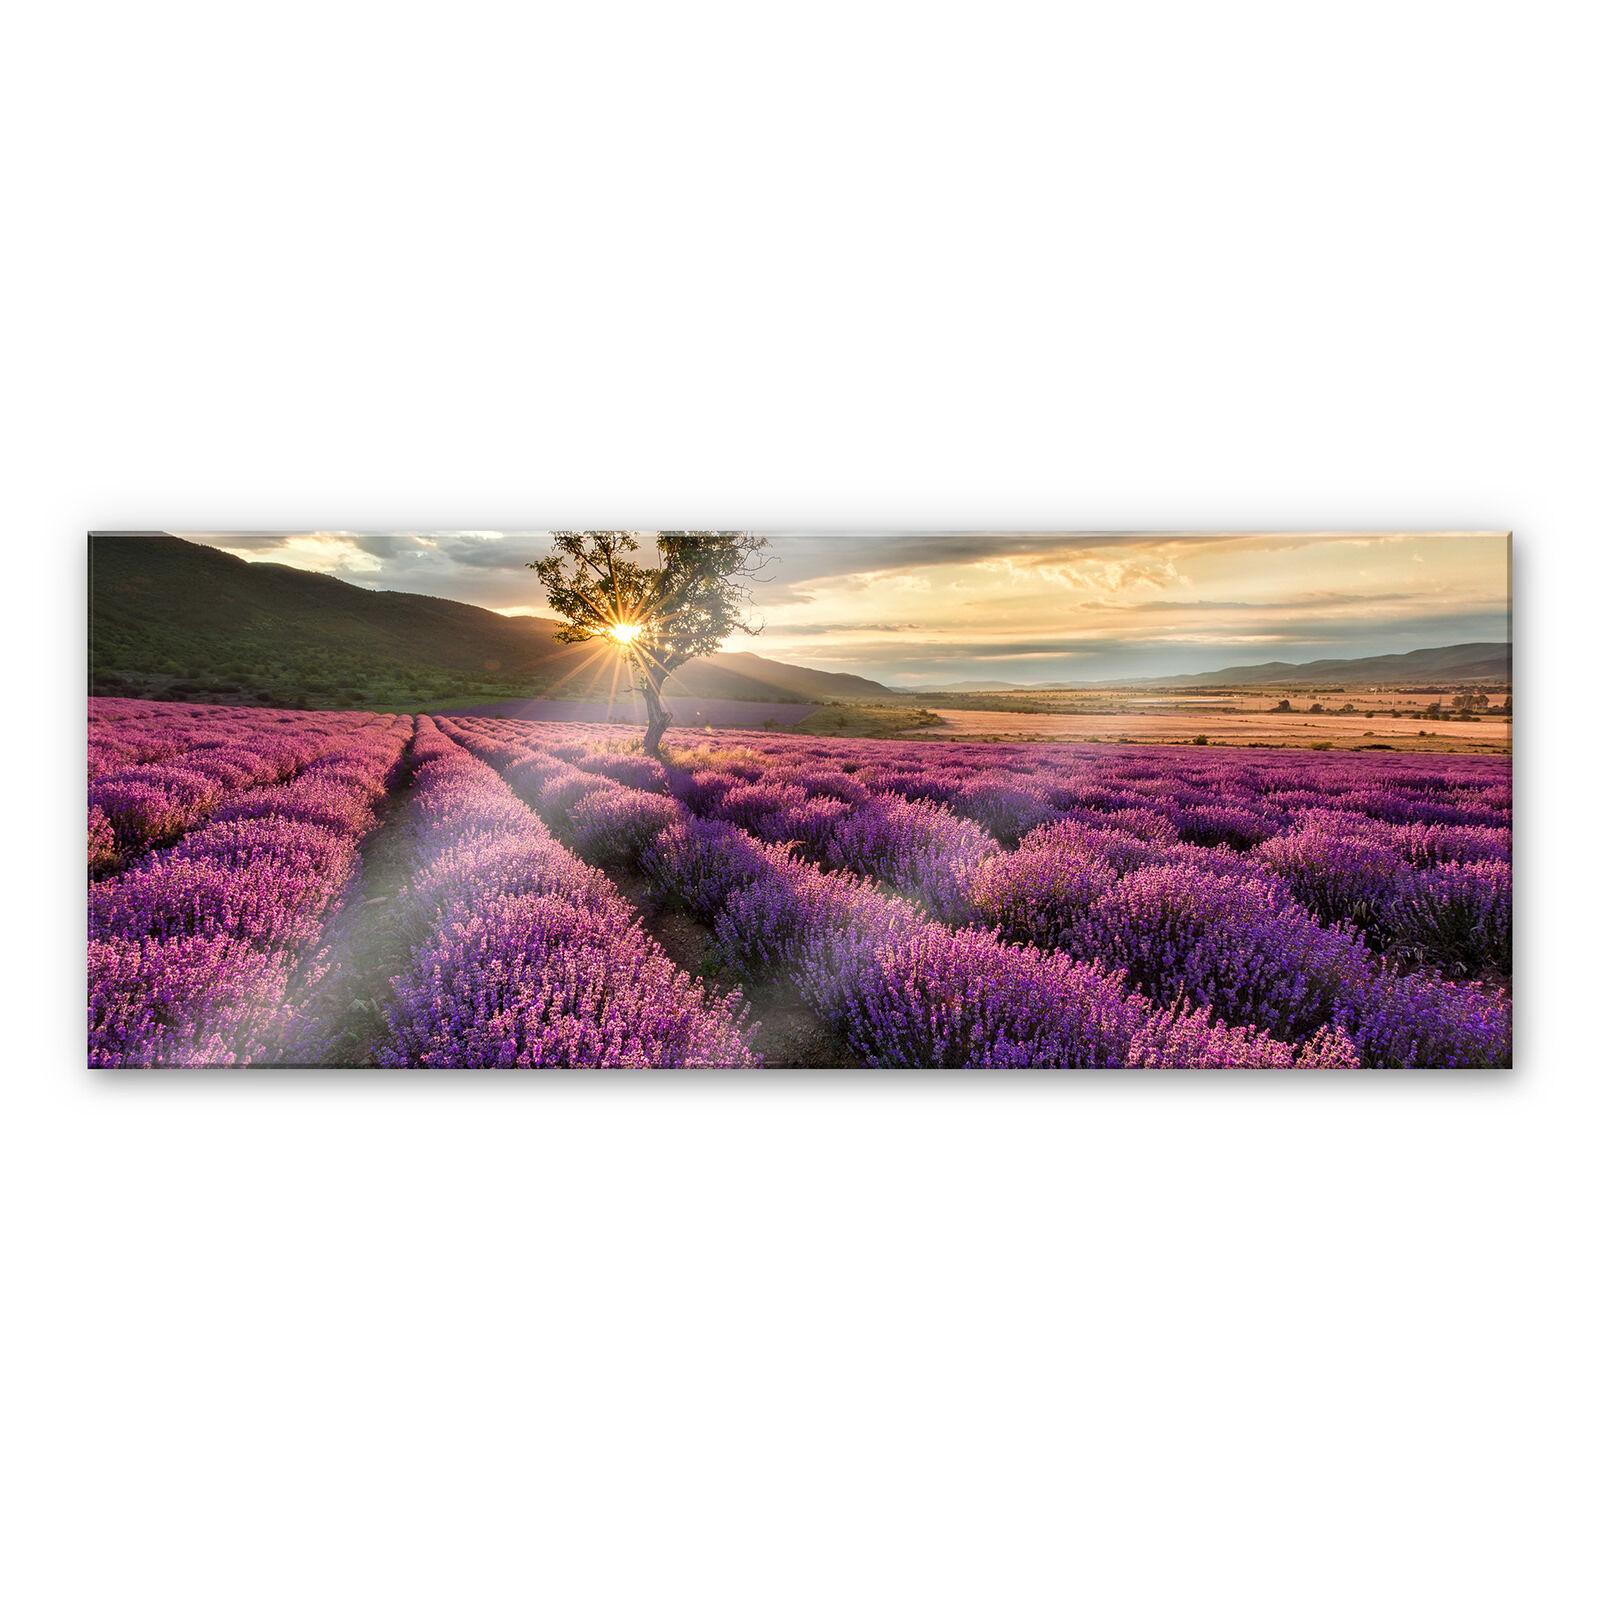 Acrylglasbild Lavendelblüte in der Provence - Panorama 01 lilat  WANDBILD 3D